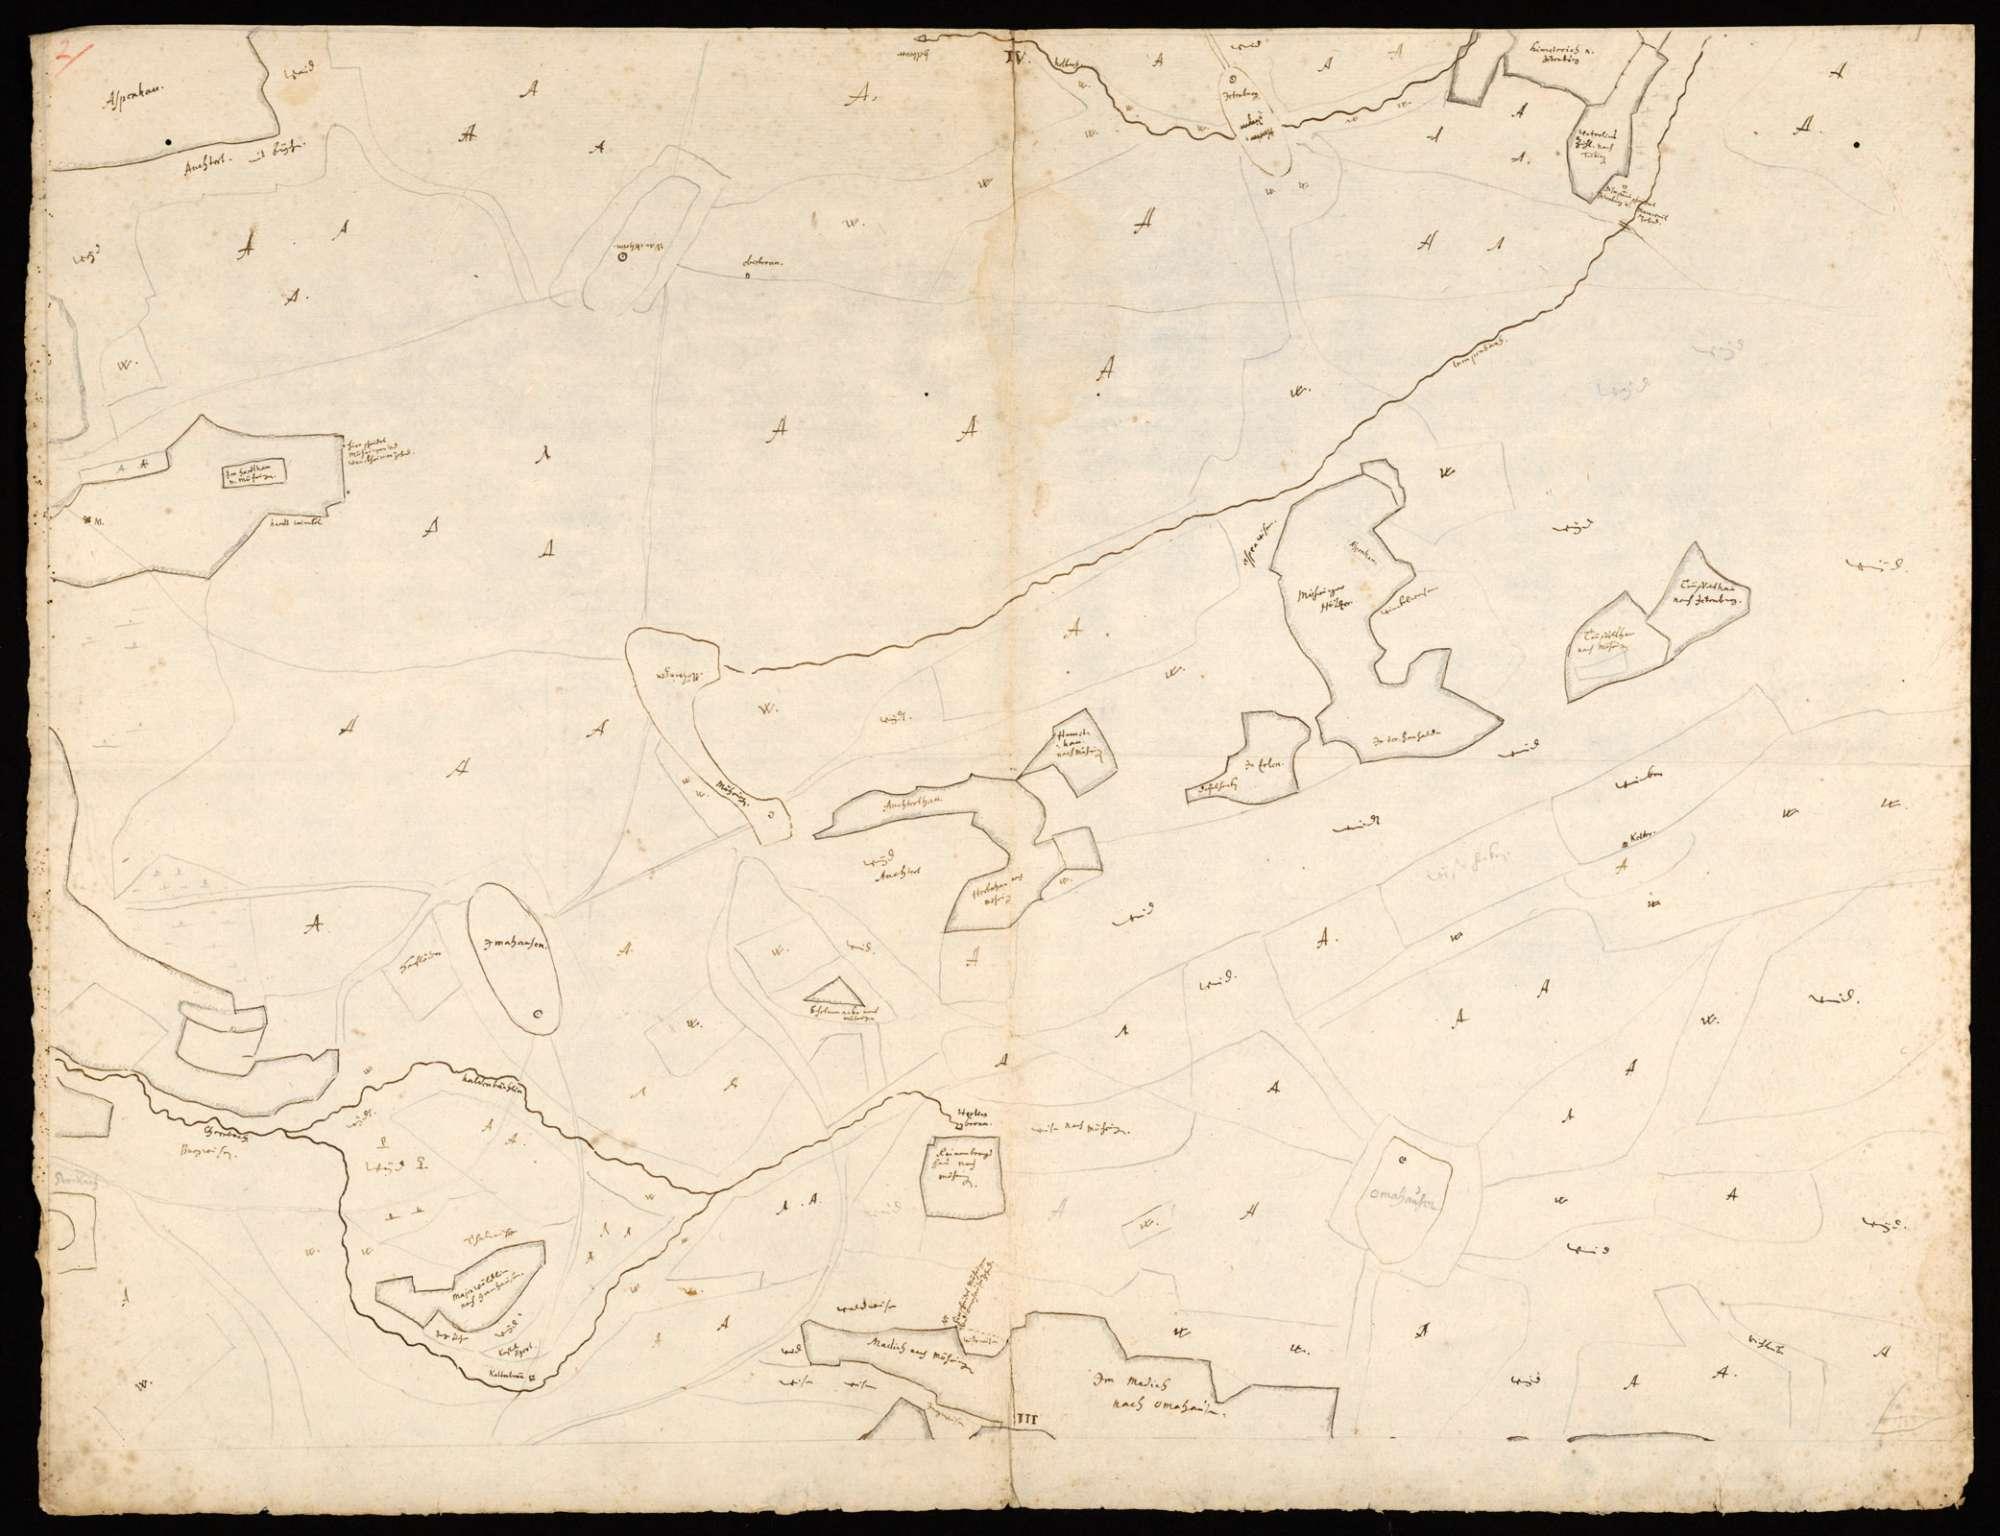 [Karte der Waldungen zwischen Steinlach, Neckar und Echaz, in 4 Blättern], Bild 2